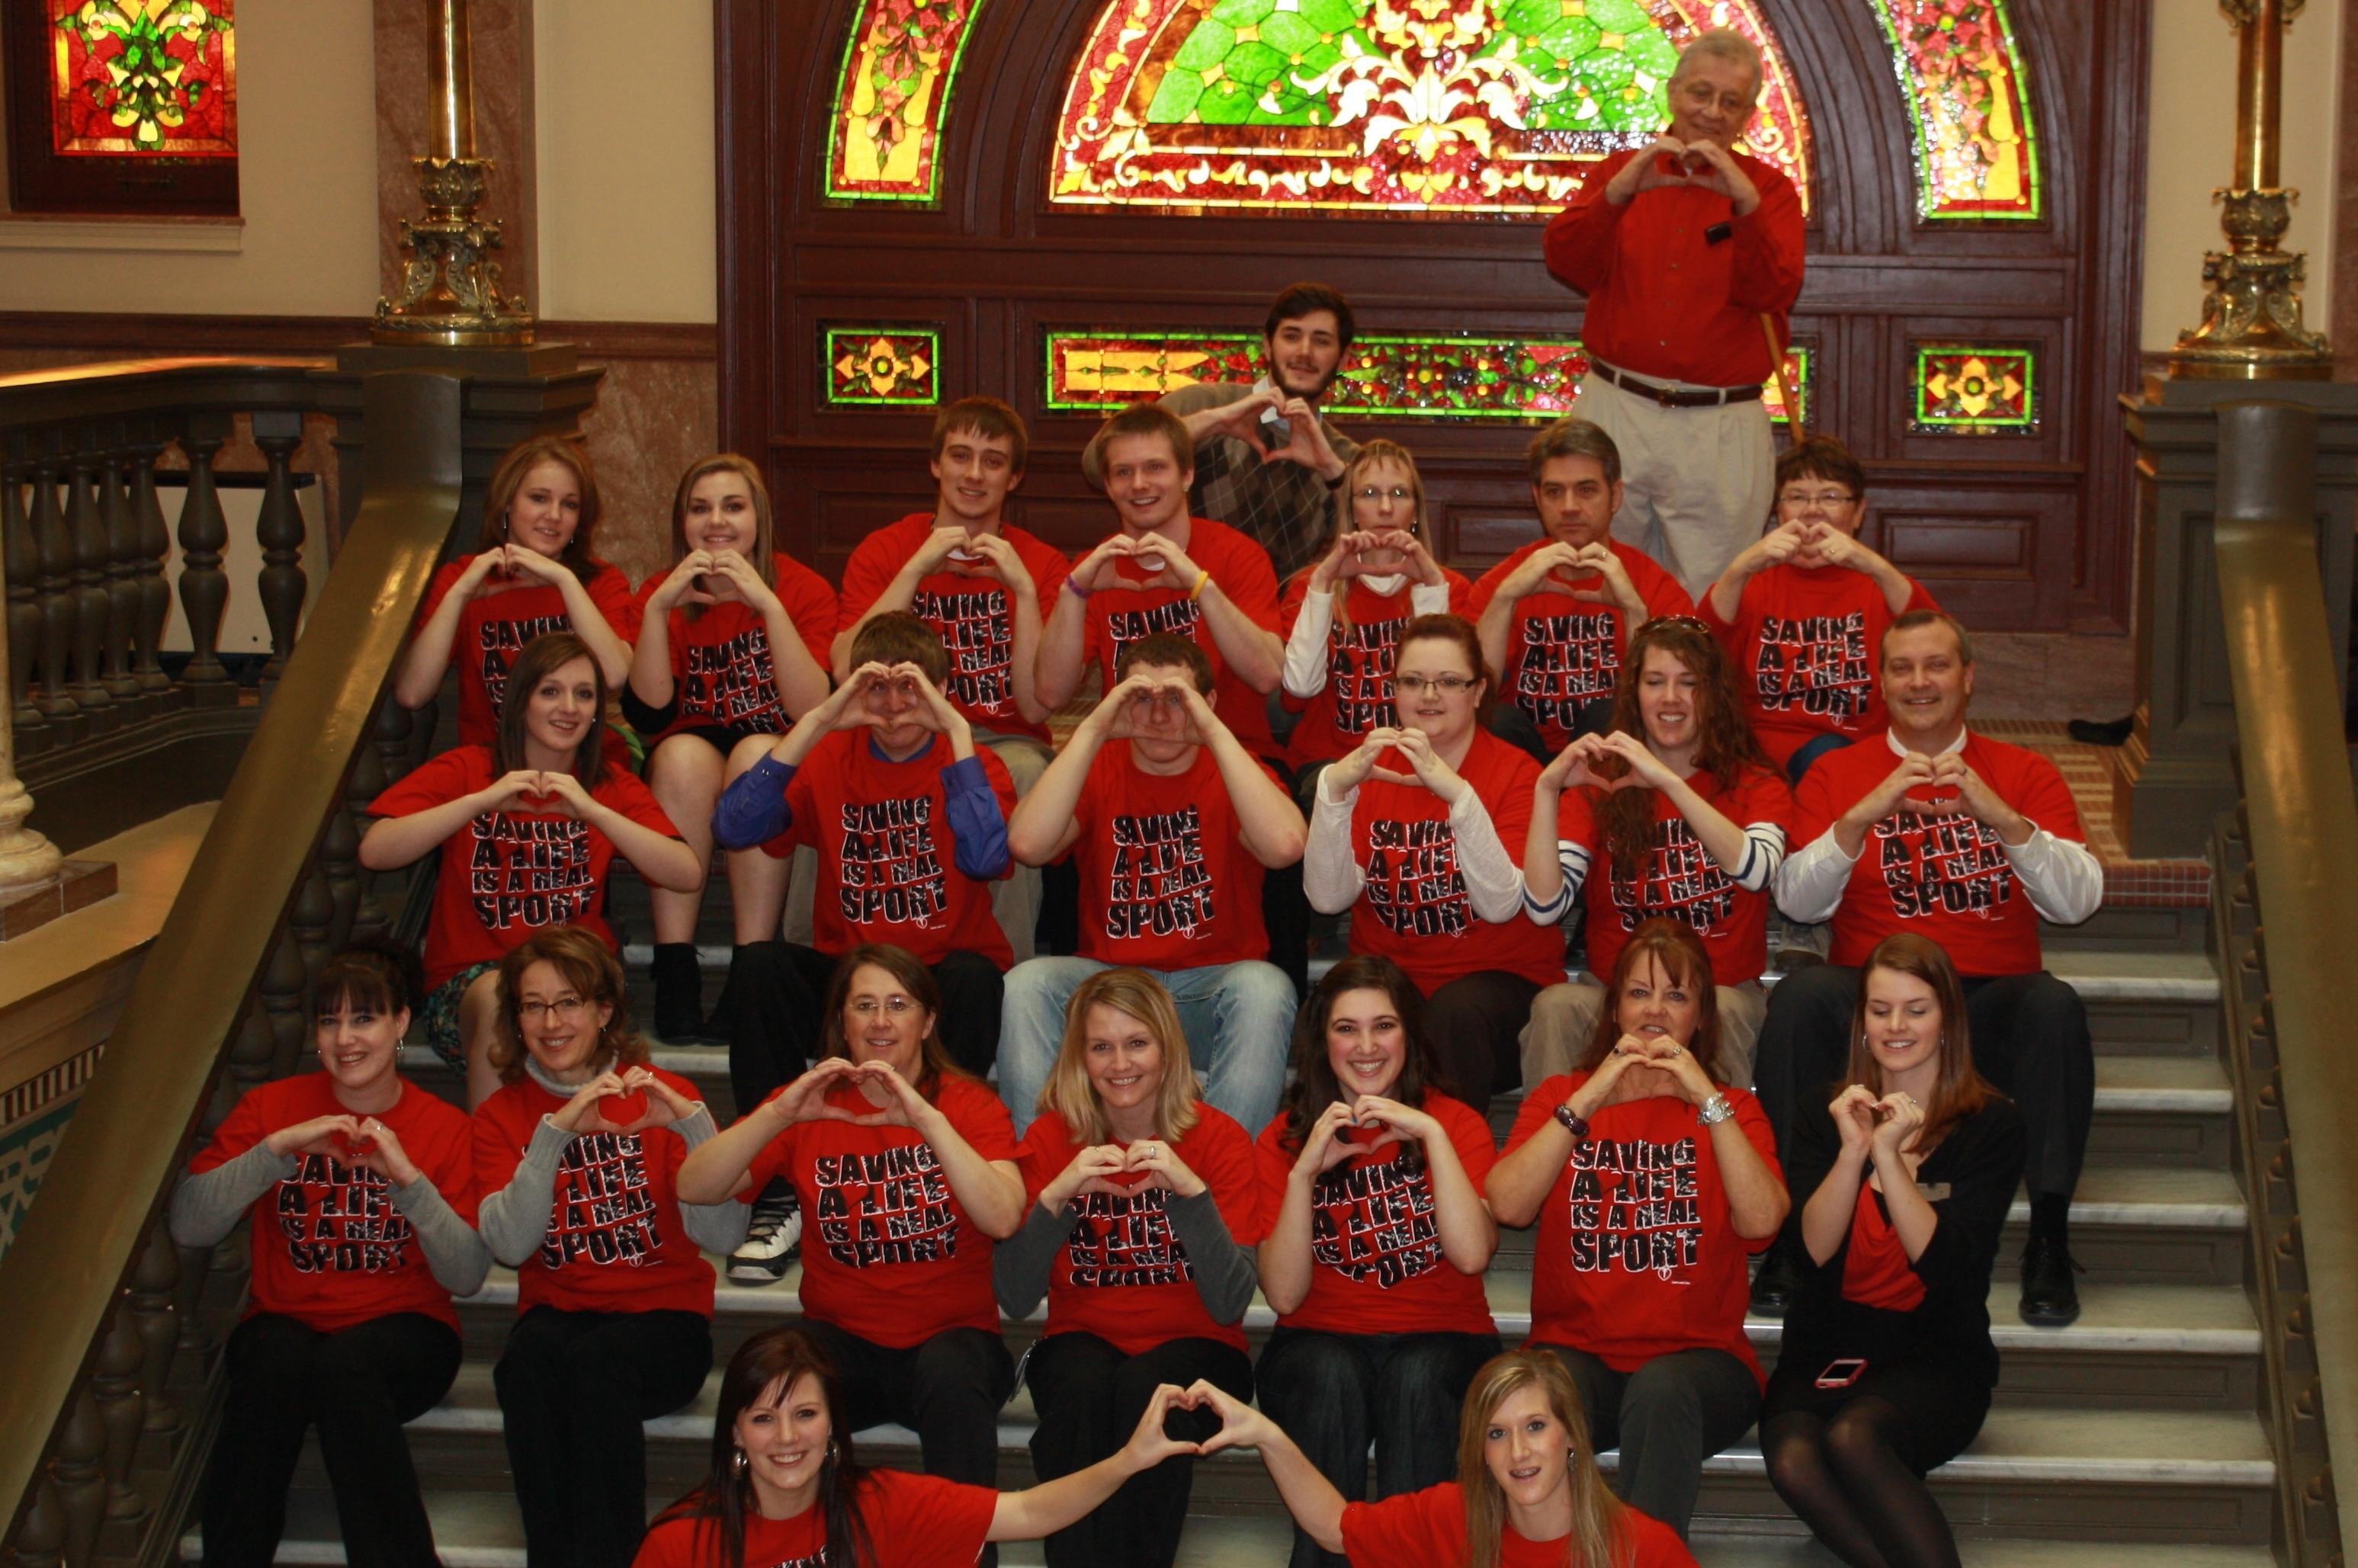 Go_Red_For_Women_1-31-13_Capitol.jpg